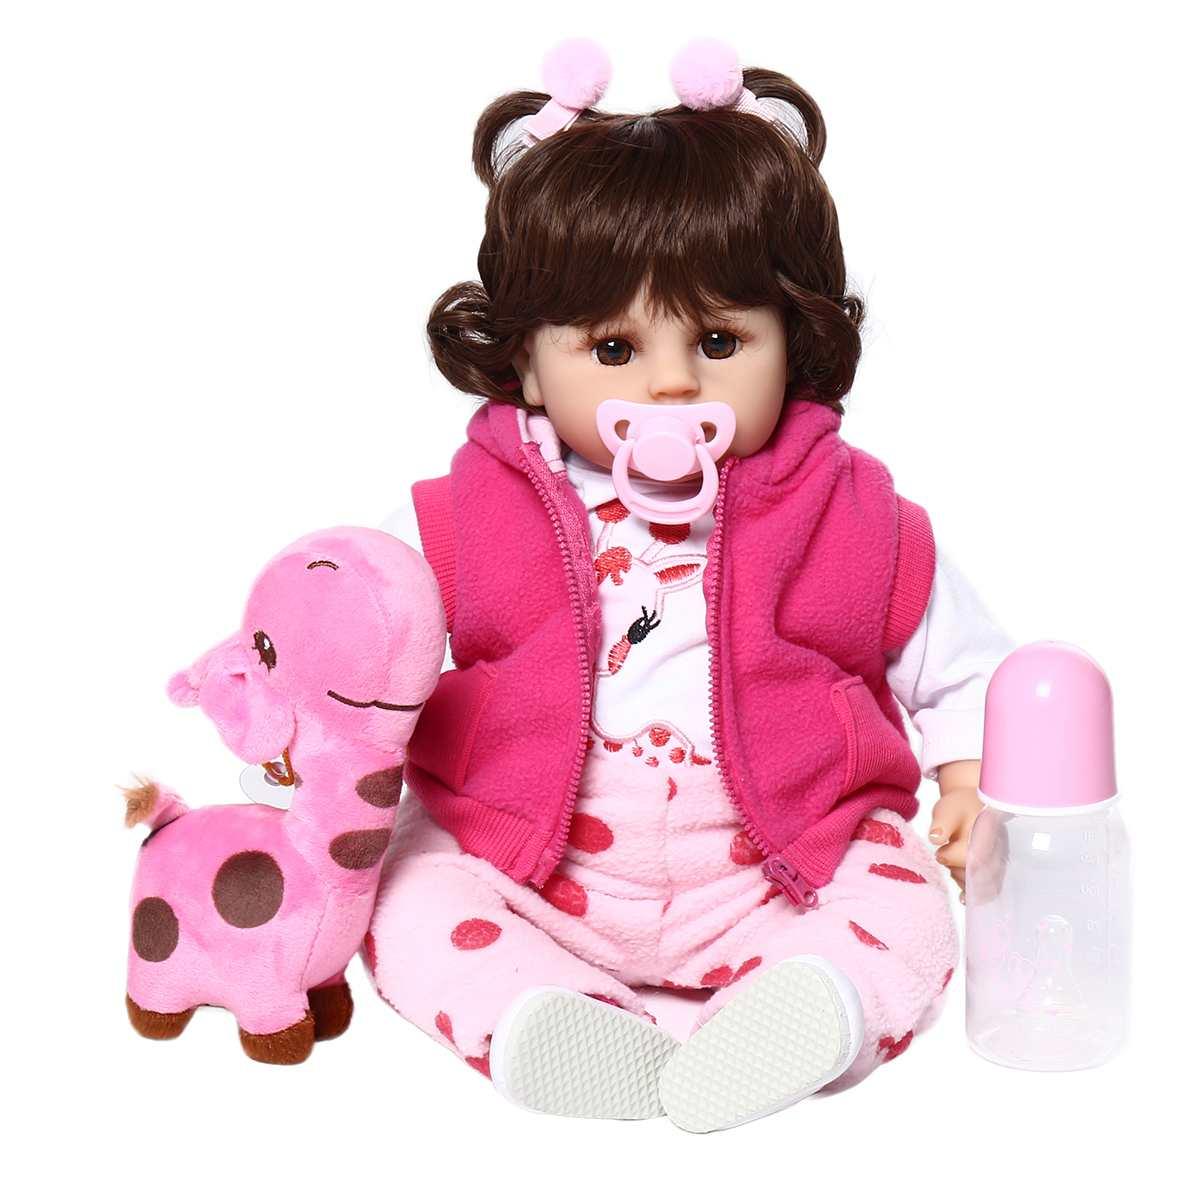 42cm offre spéciale Reborn bébé poupée jouet tissu corps en peluche réaliste bébé poupée avec girafe bambin anniversaire cadeaux de noël